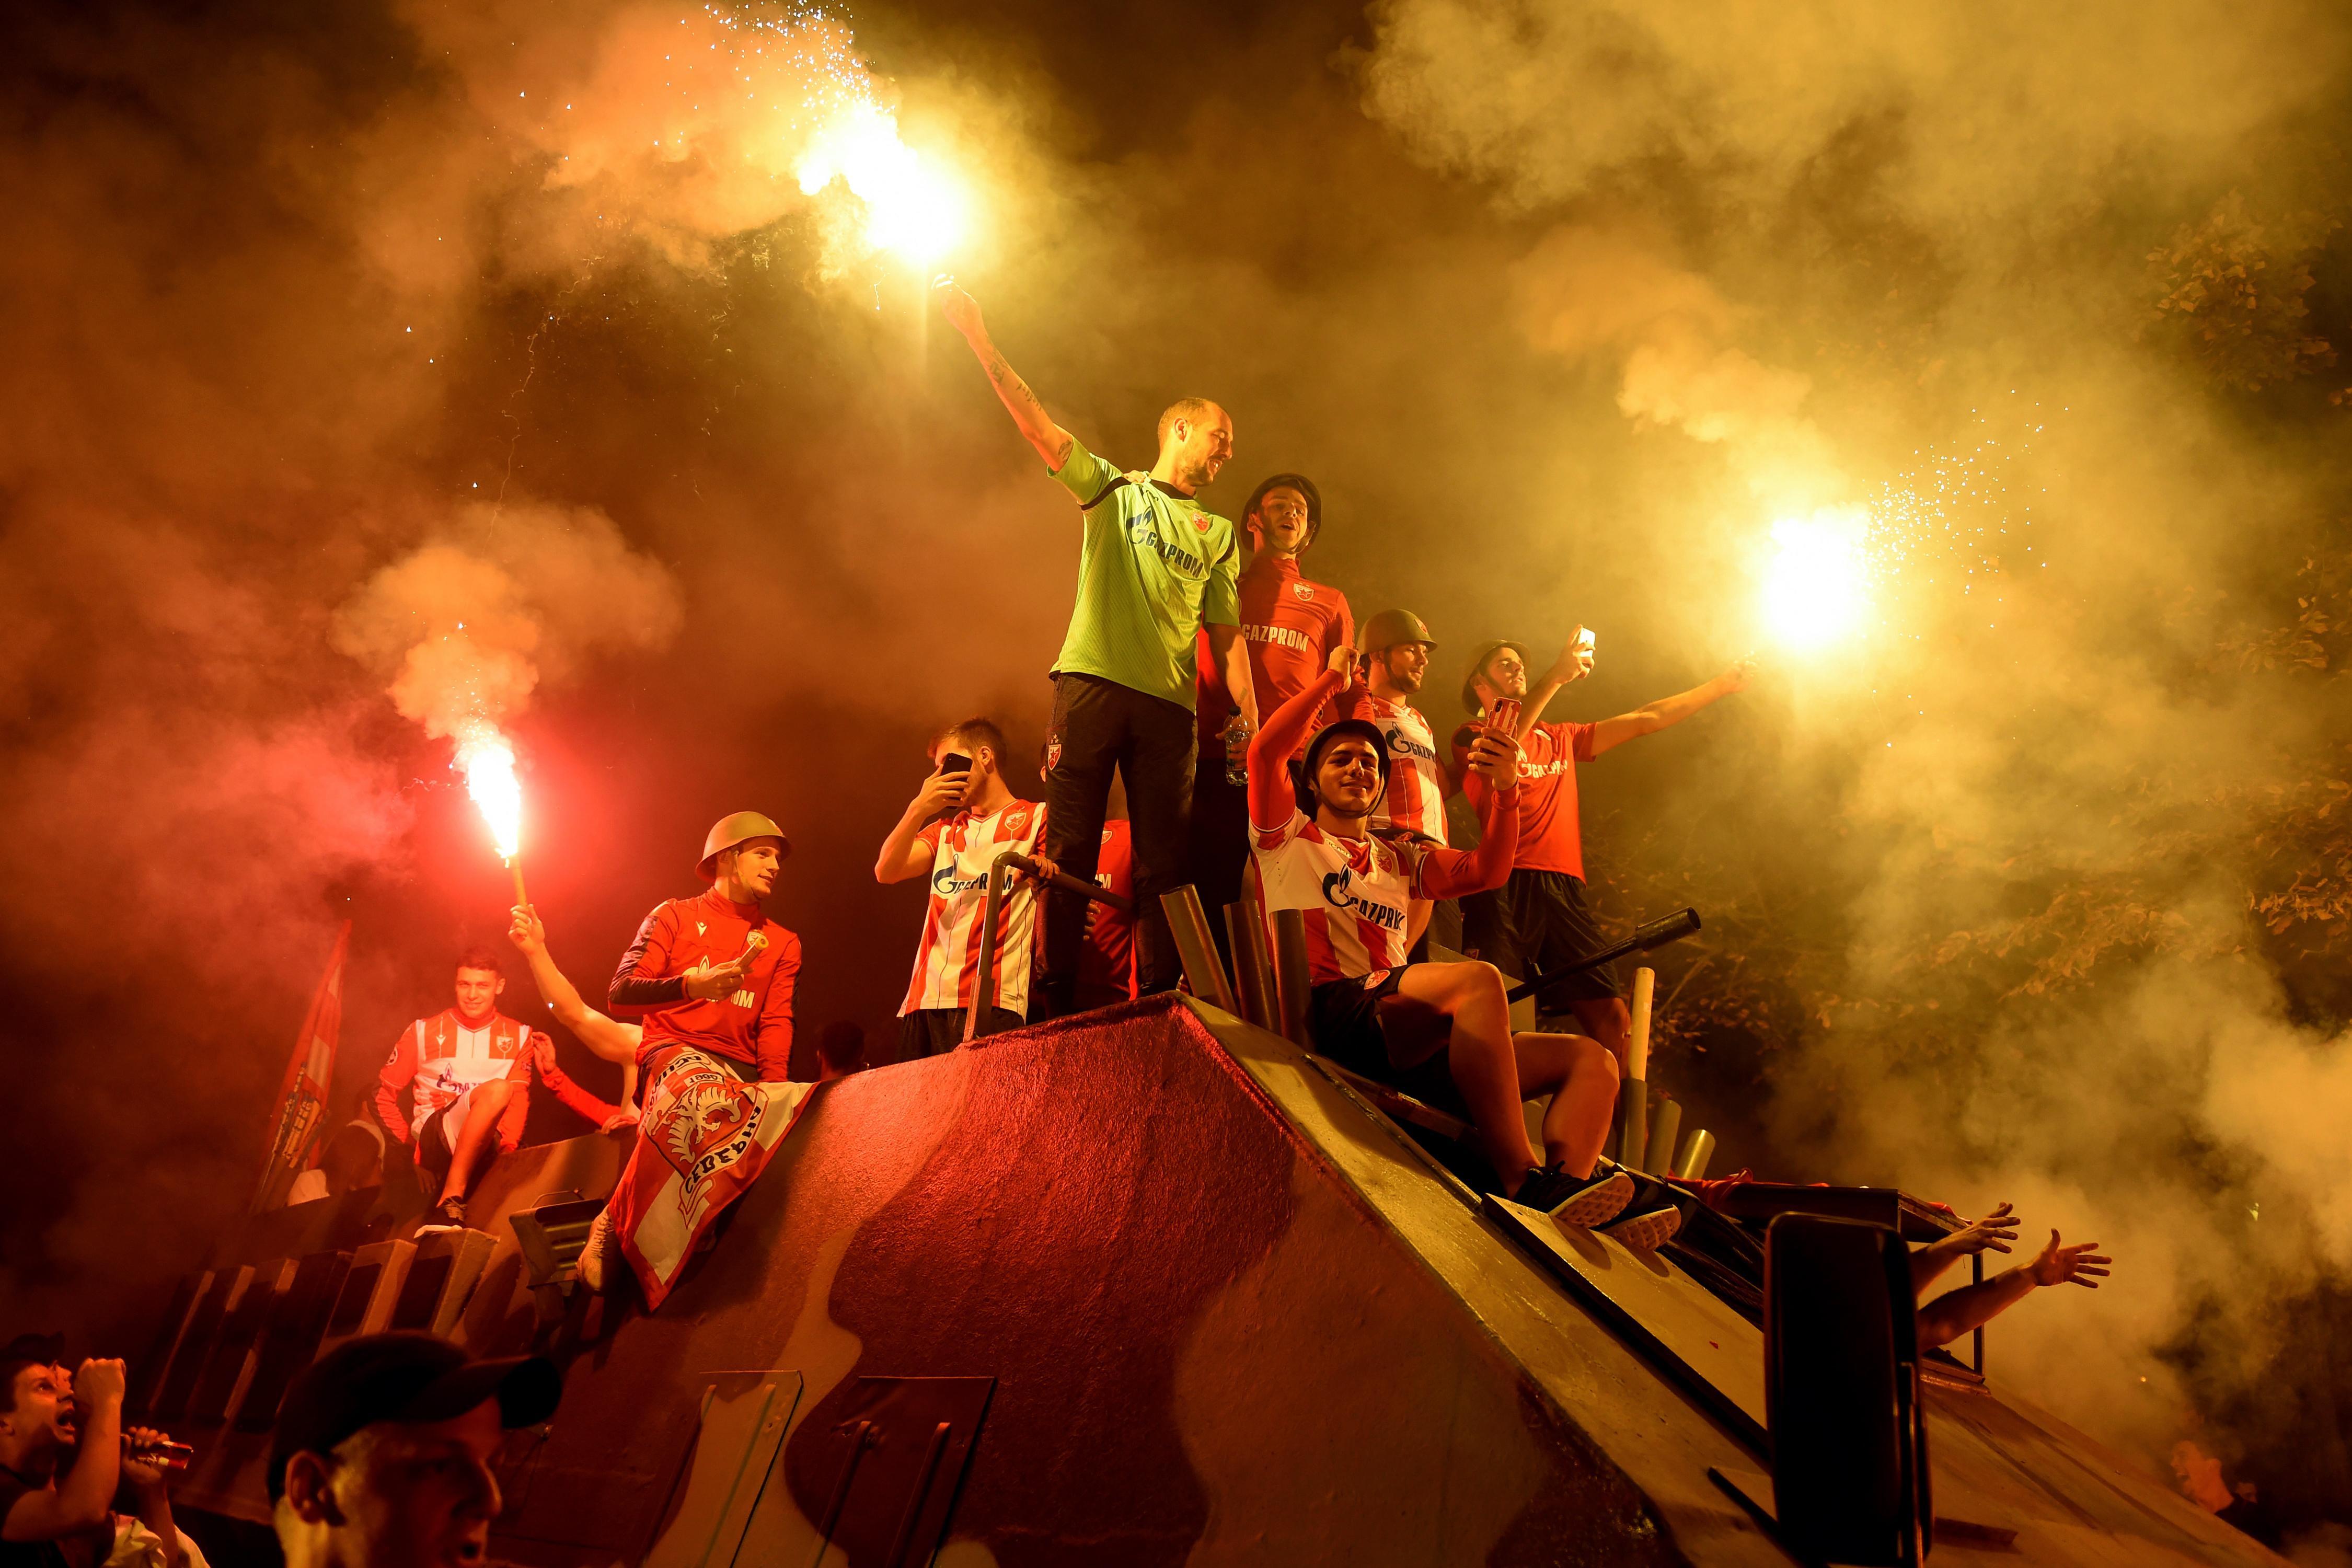 Négy szomszédos ország bajnokának is összejött, ami a magyarnak tíz éve nem